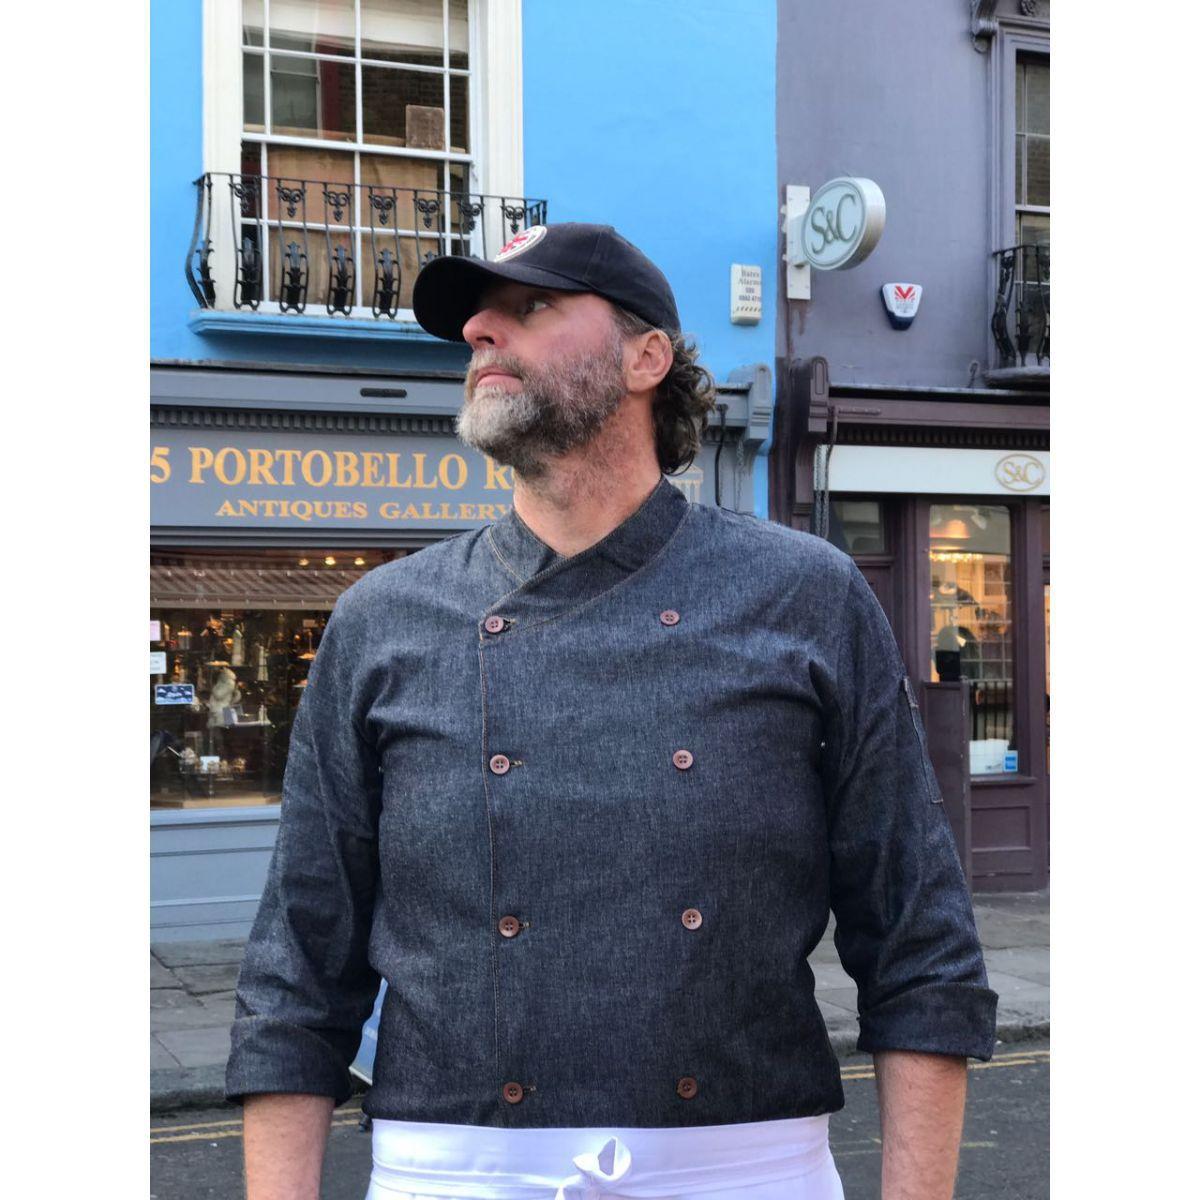 Conjunto: Dólmã Gourmet  JEANS AZUL BOTÕES MARROM + Avental 1 Frente branco 100% Algodão